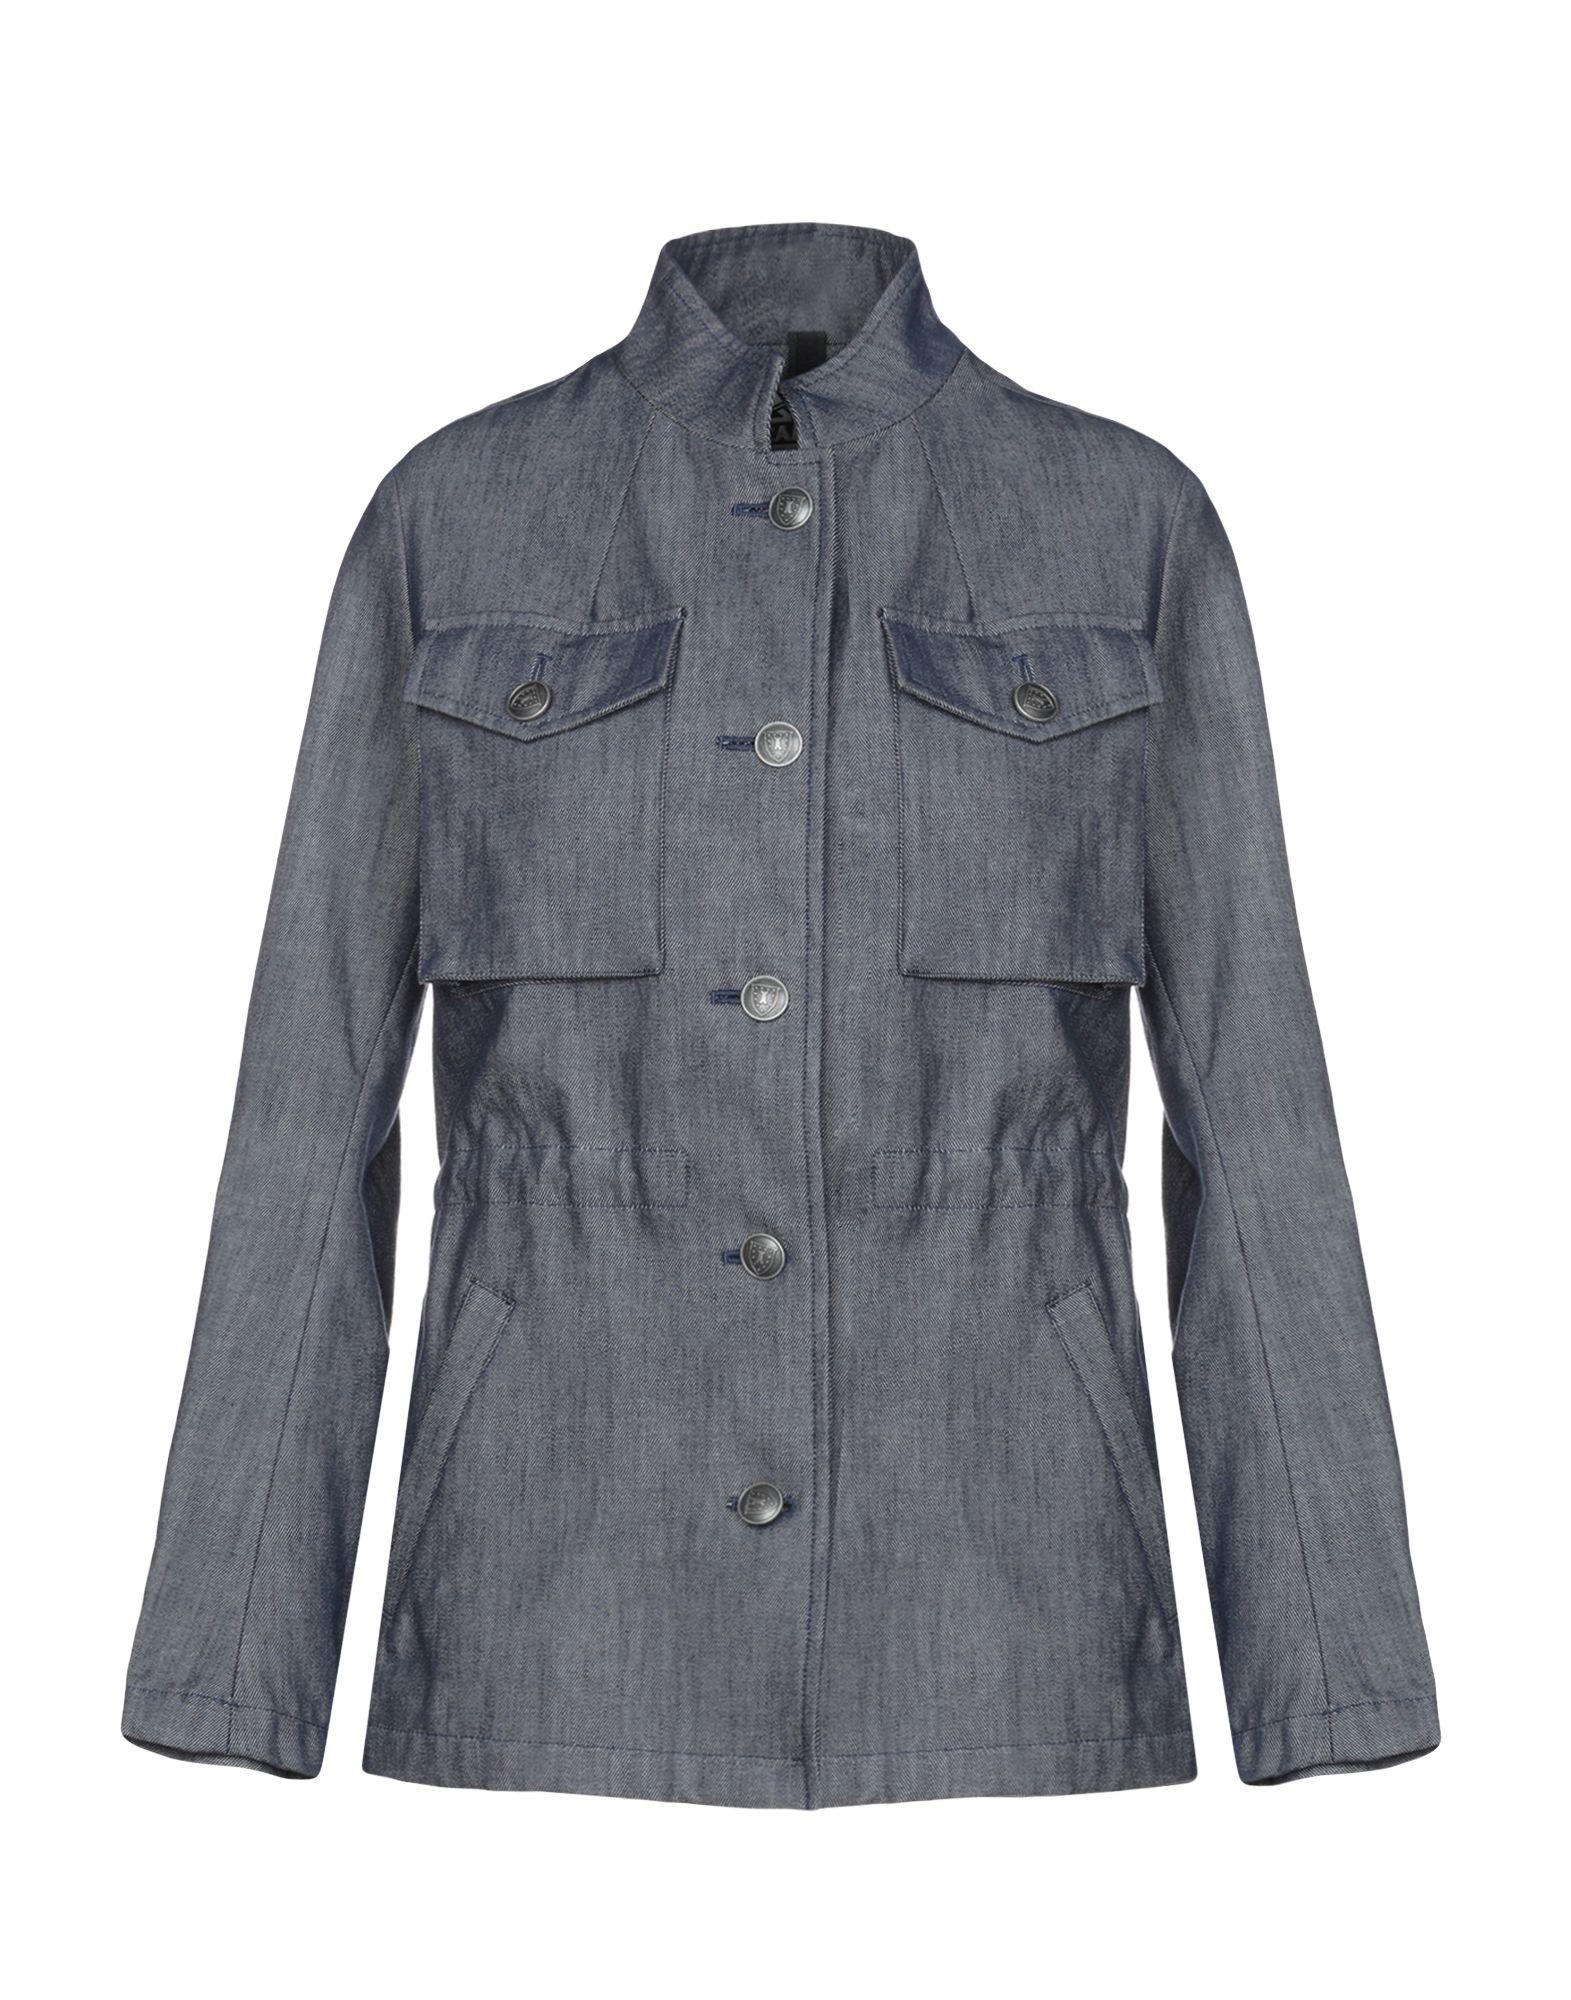 CAMPLIN Джинсовая верхняя одежда одежда